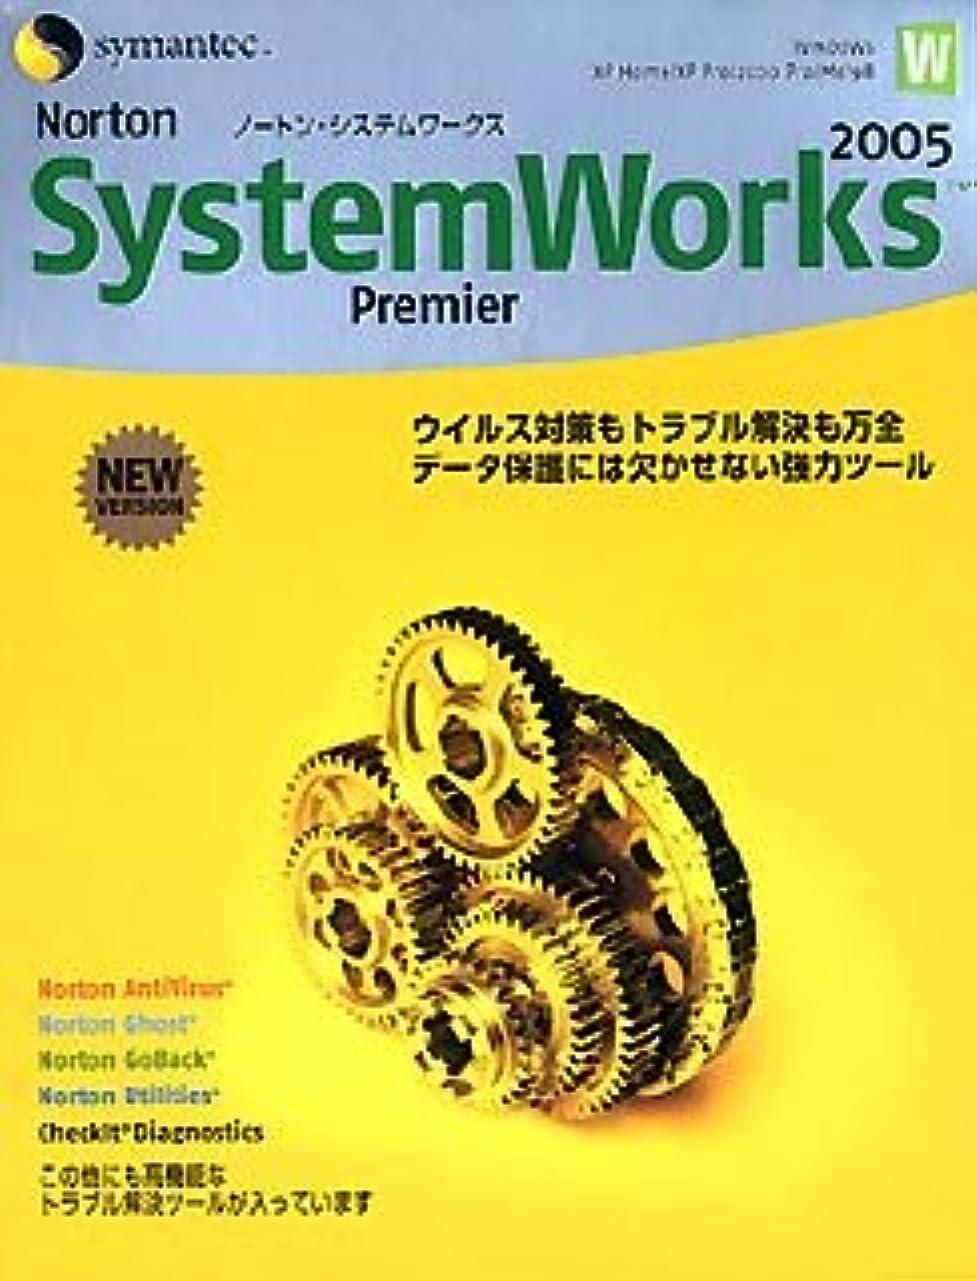 グリーンランドジェスチャー段落【旧商品】ノートン?システムワークス 2005 プレミア